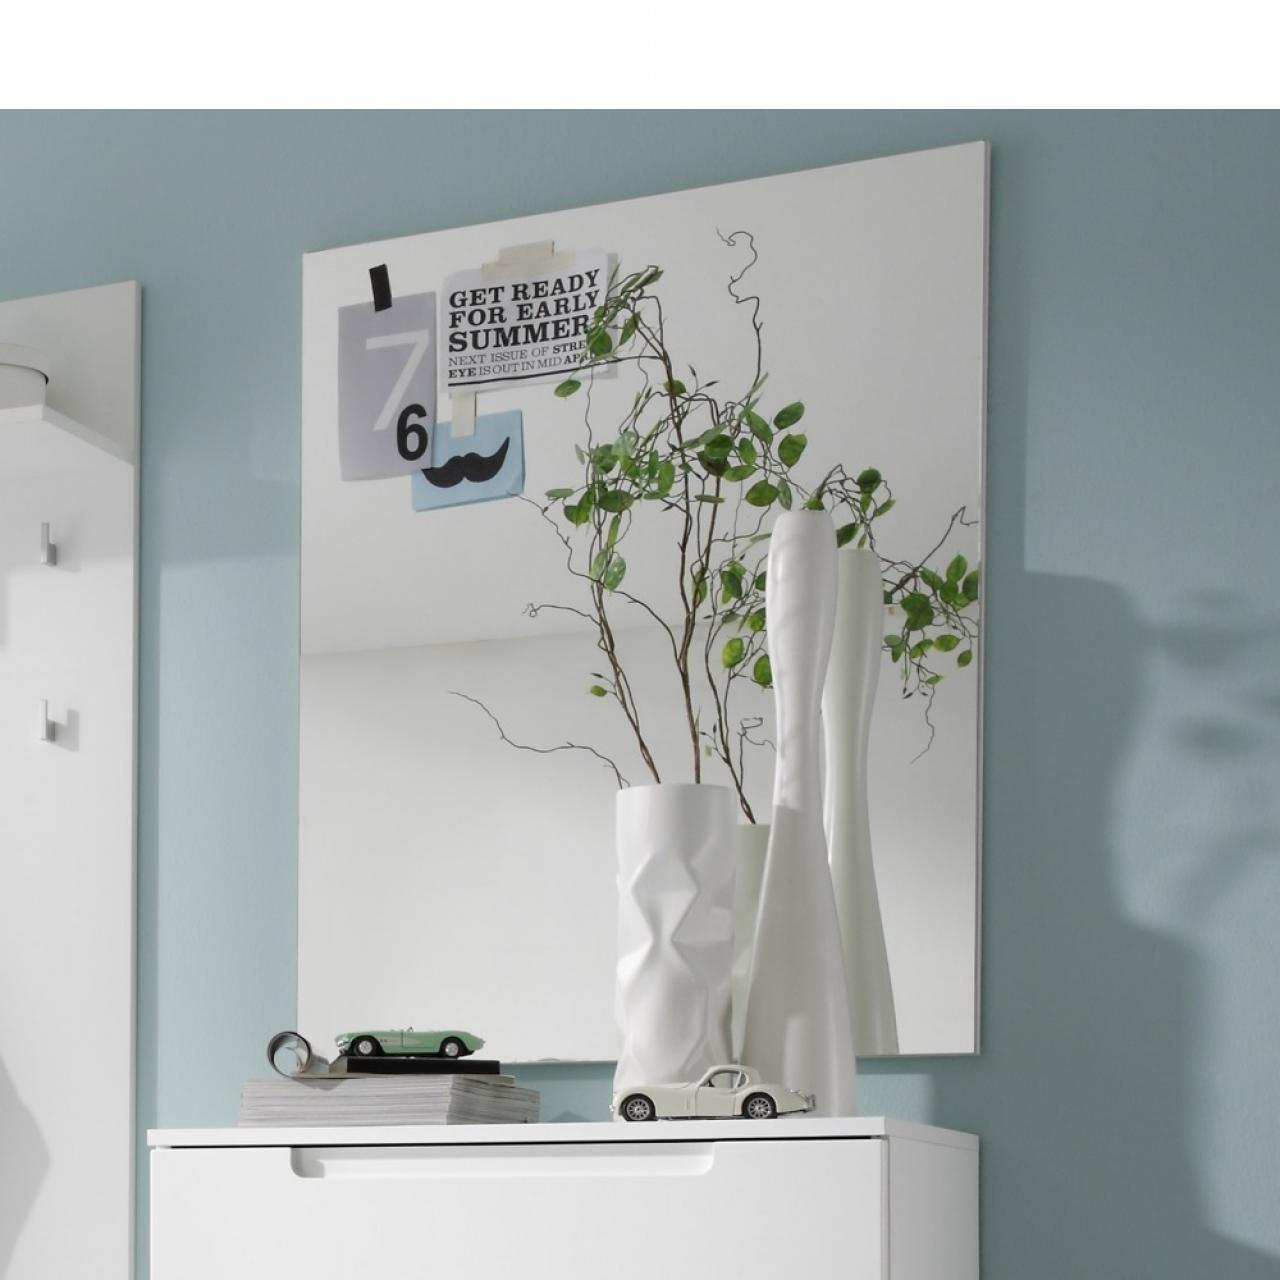 spiegel spice spiegel wohnen m bel j hnichen center gmbh. Black Bedroom Furniture Sets. Home Design Ideas